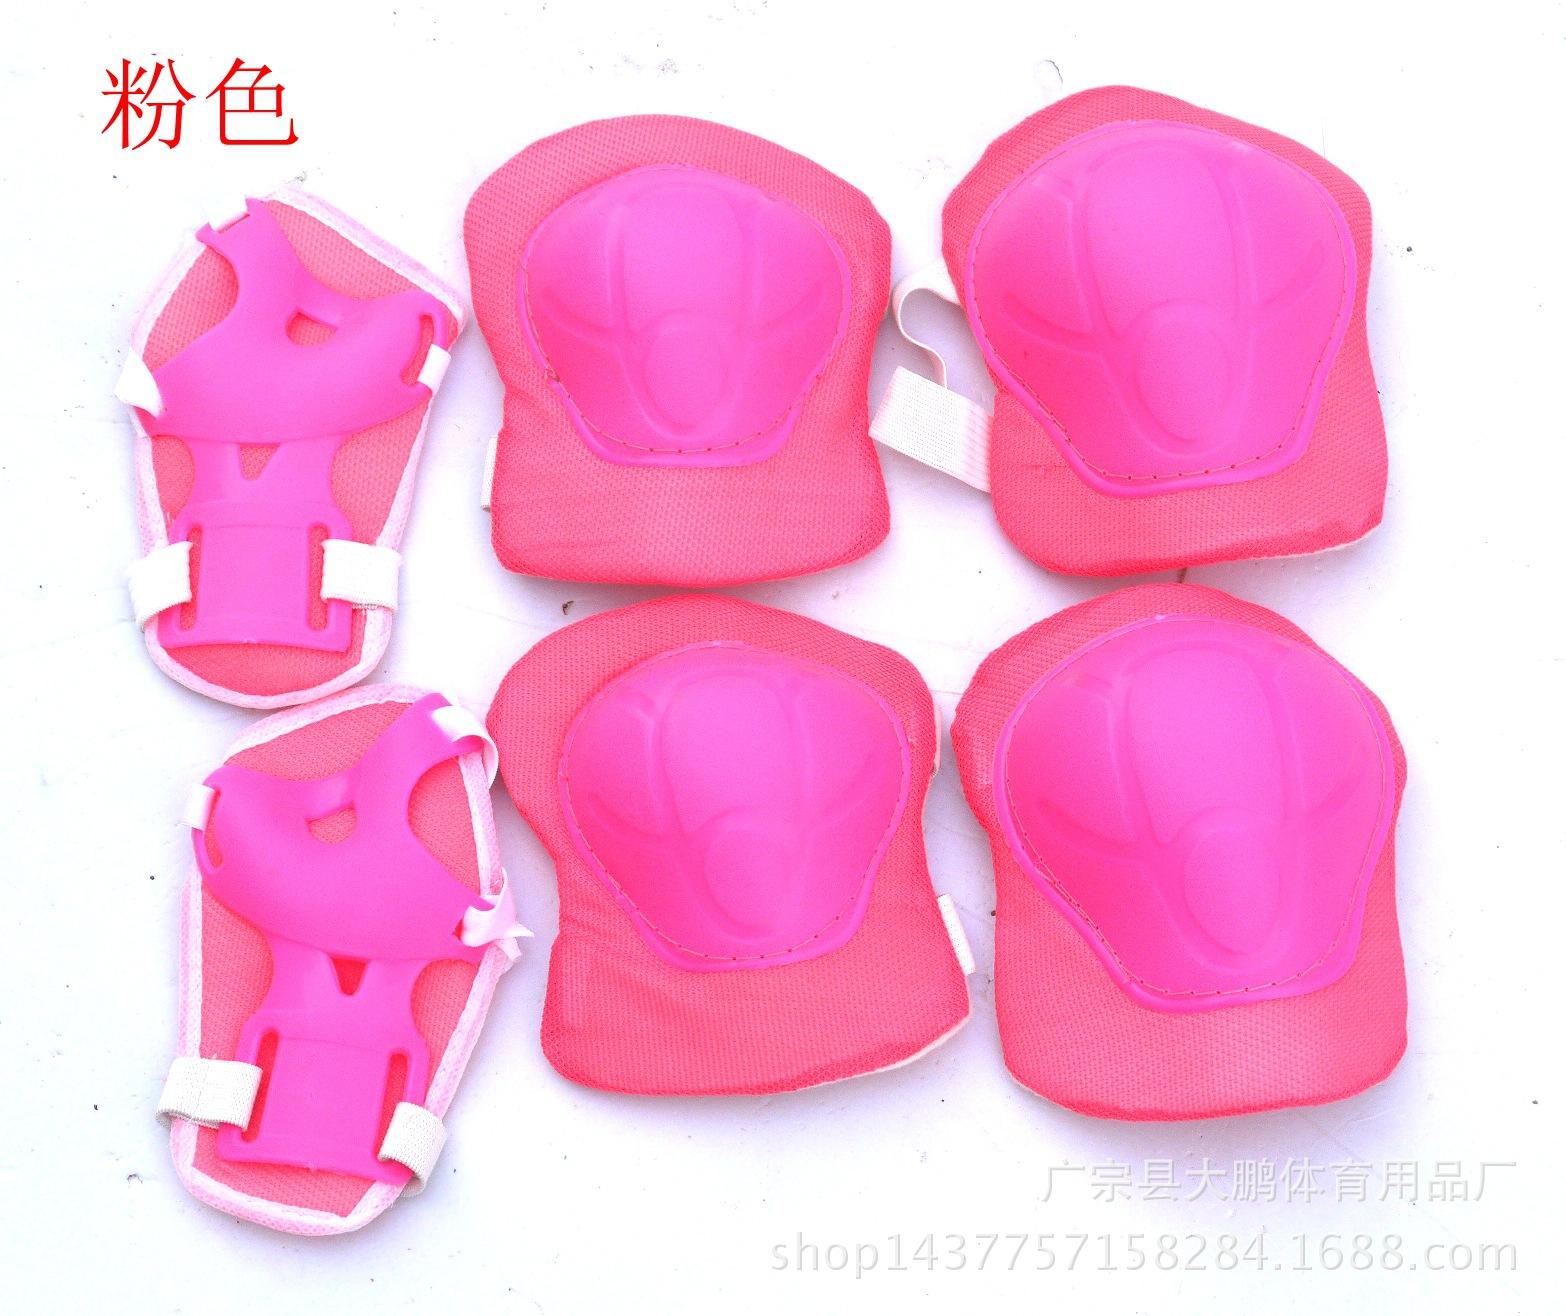 厂家直销儿童运动护具6件套 时尚新款儿童护具爆款儿童骑行